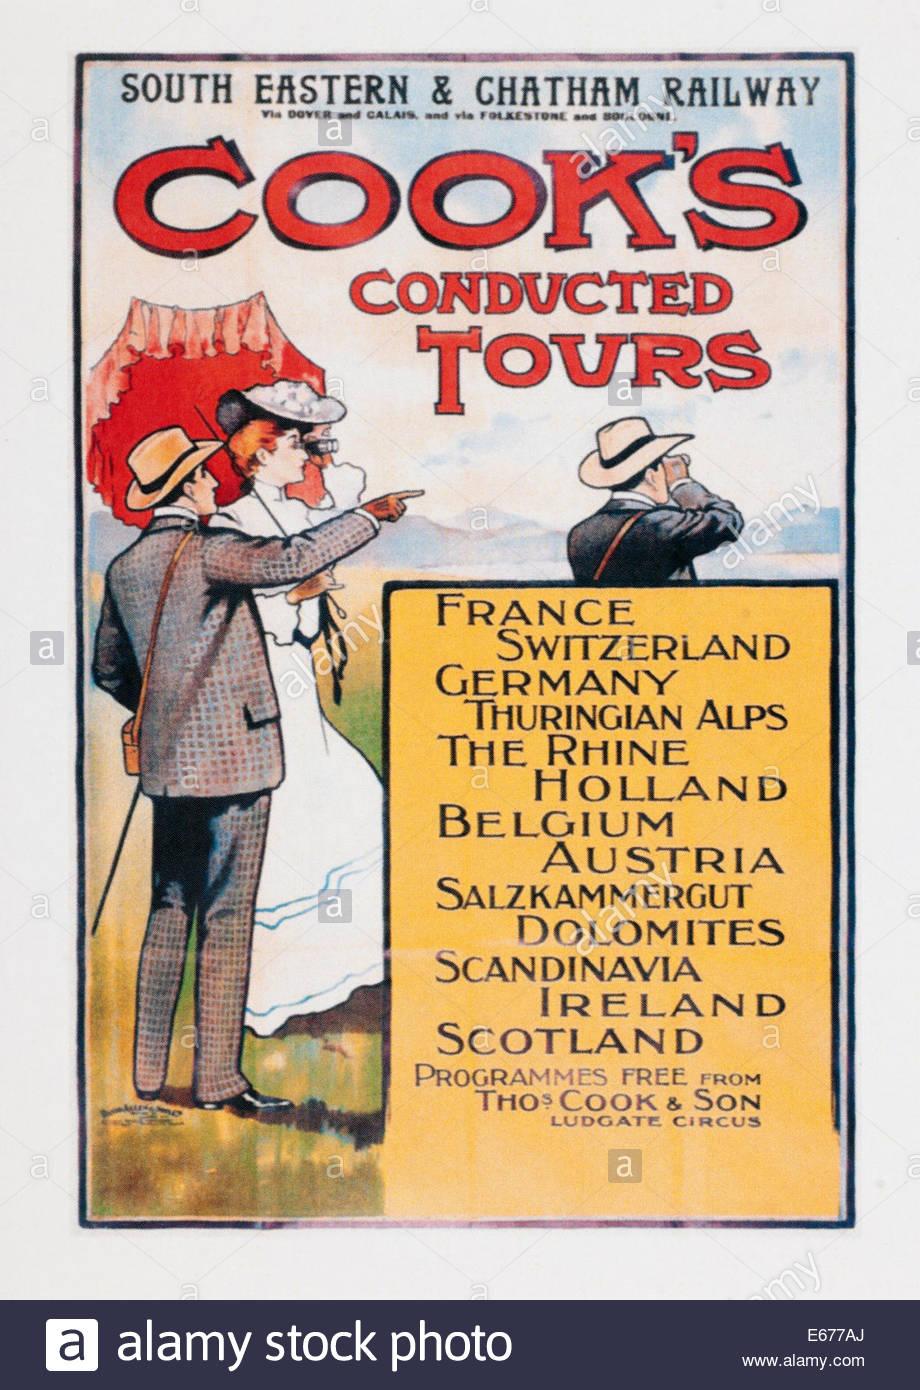 Oldtimer Reise Plakatwerbung South Eastern and Chatham Railway für Cooks durchgeführten Touren. Editorial nur Stockfoto